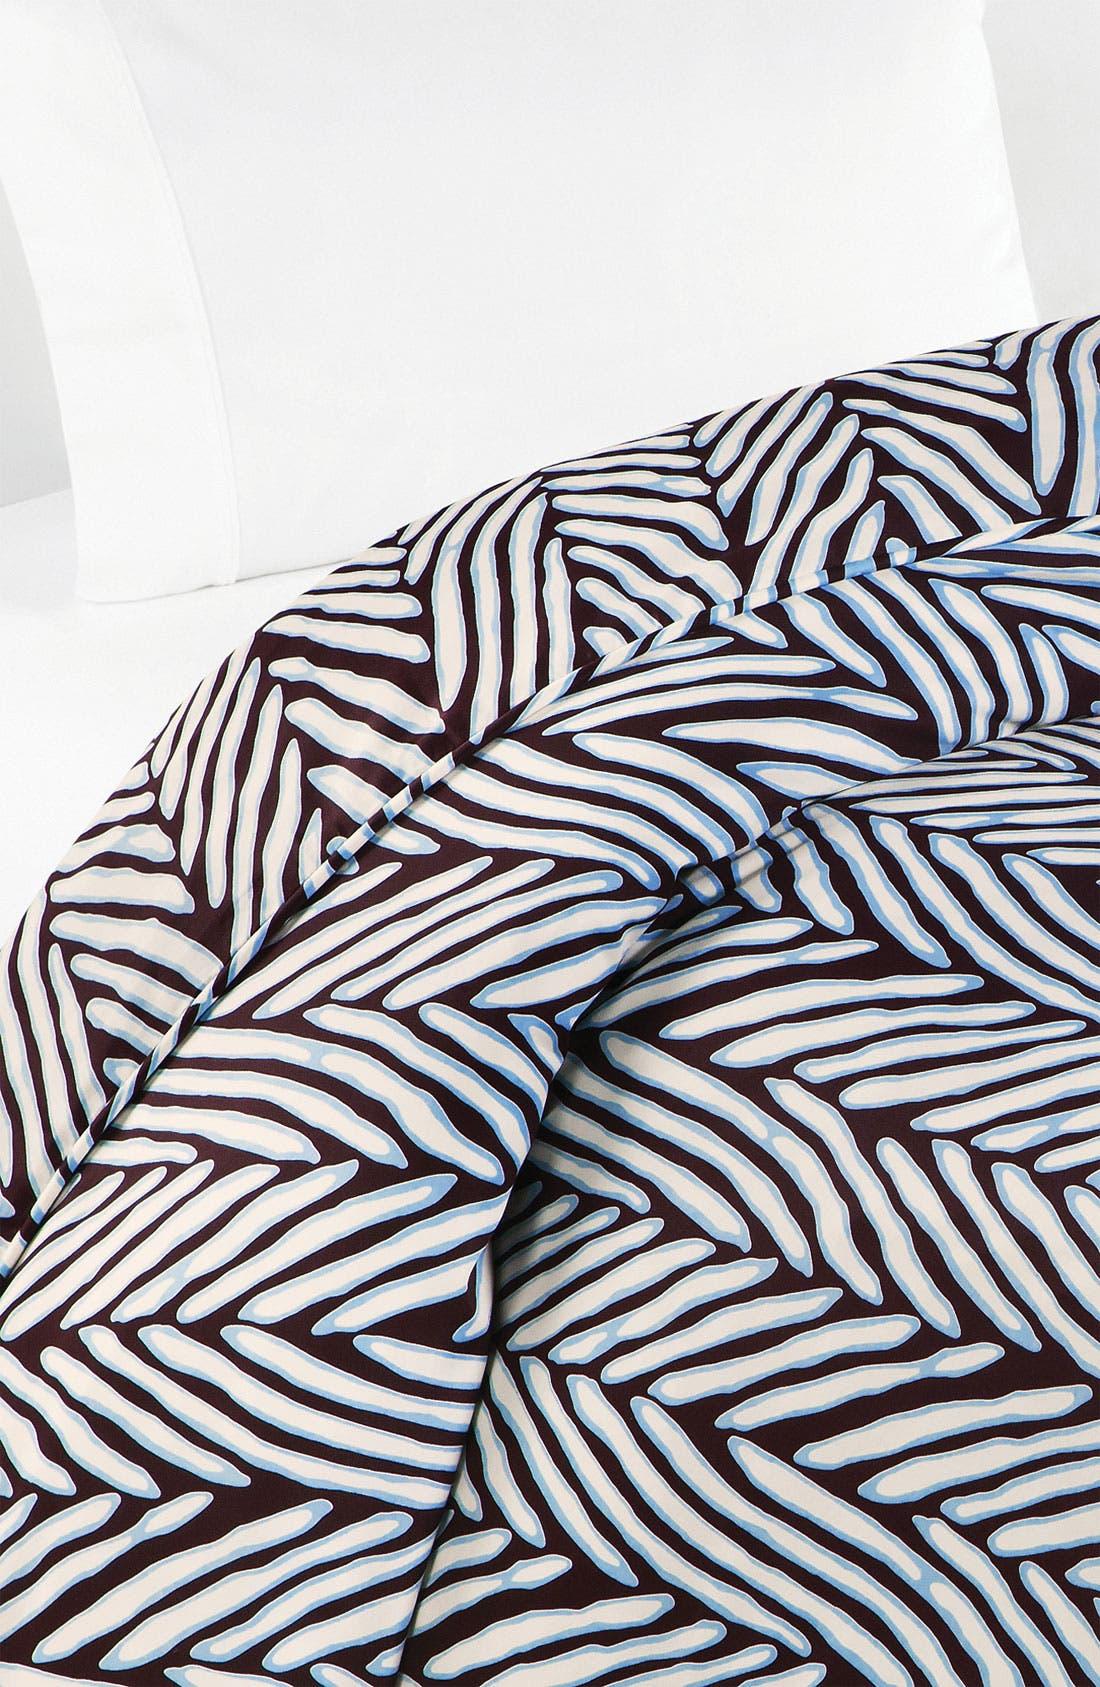 Alternate Image 1 Selected - Diane von Furstenberg 'Herringbone' 300 Thread Count Duvet Cover